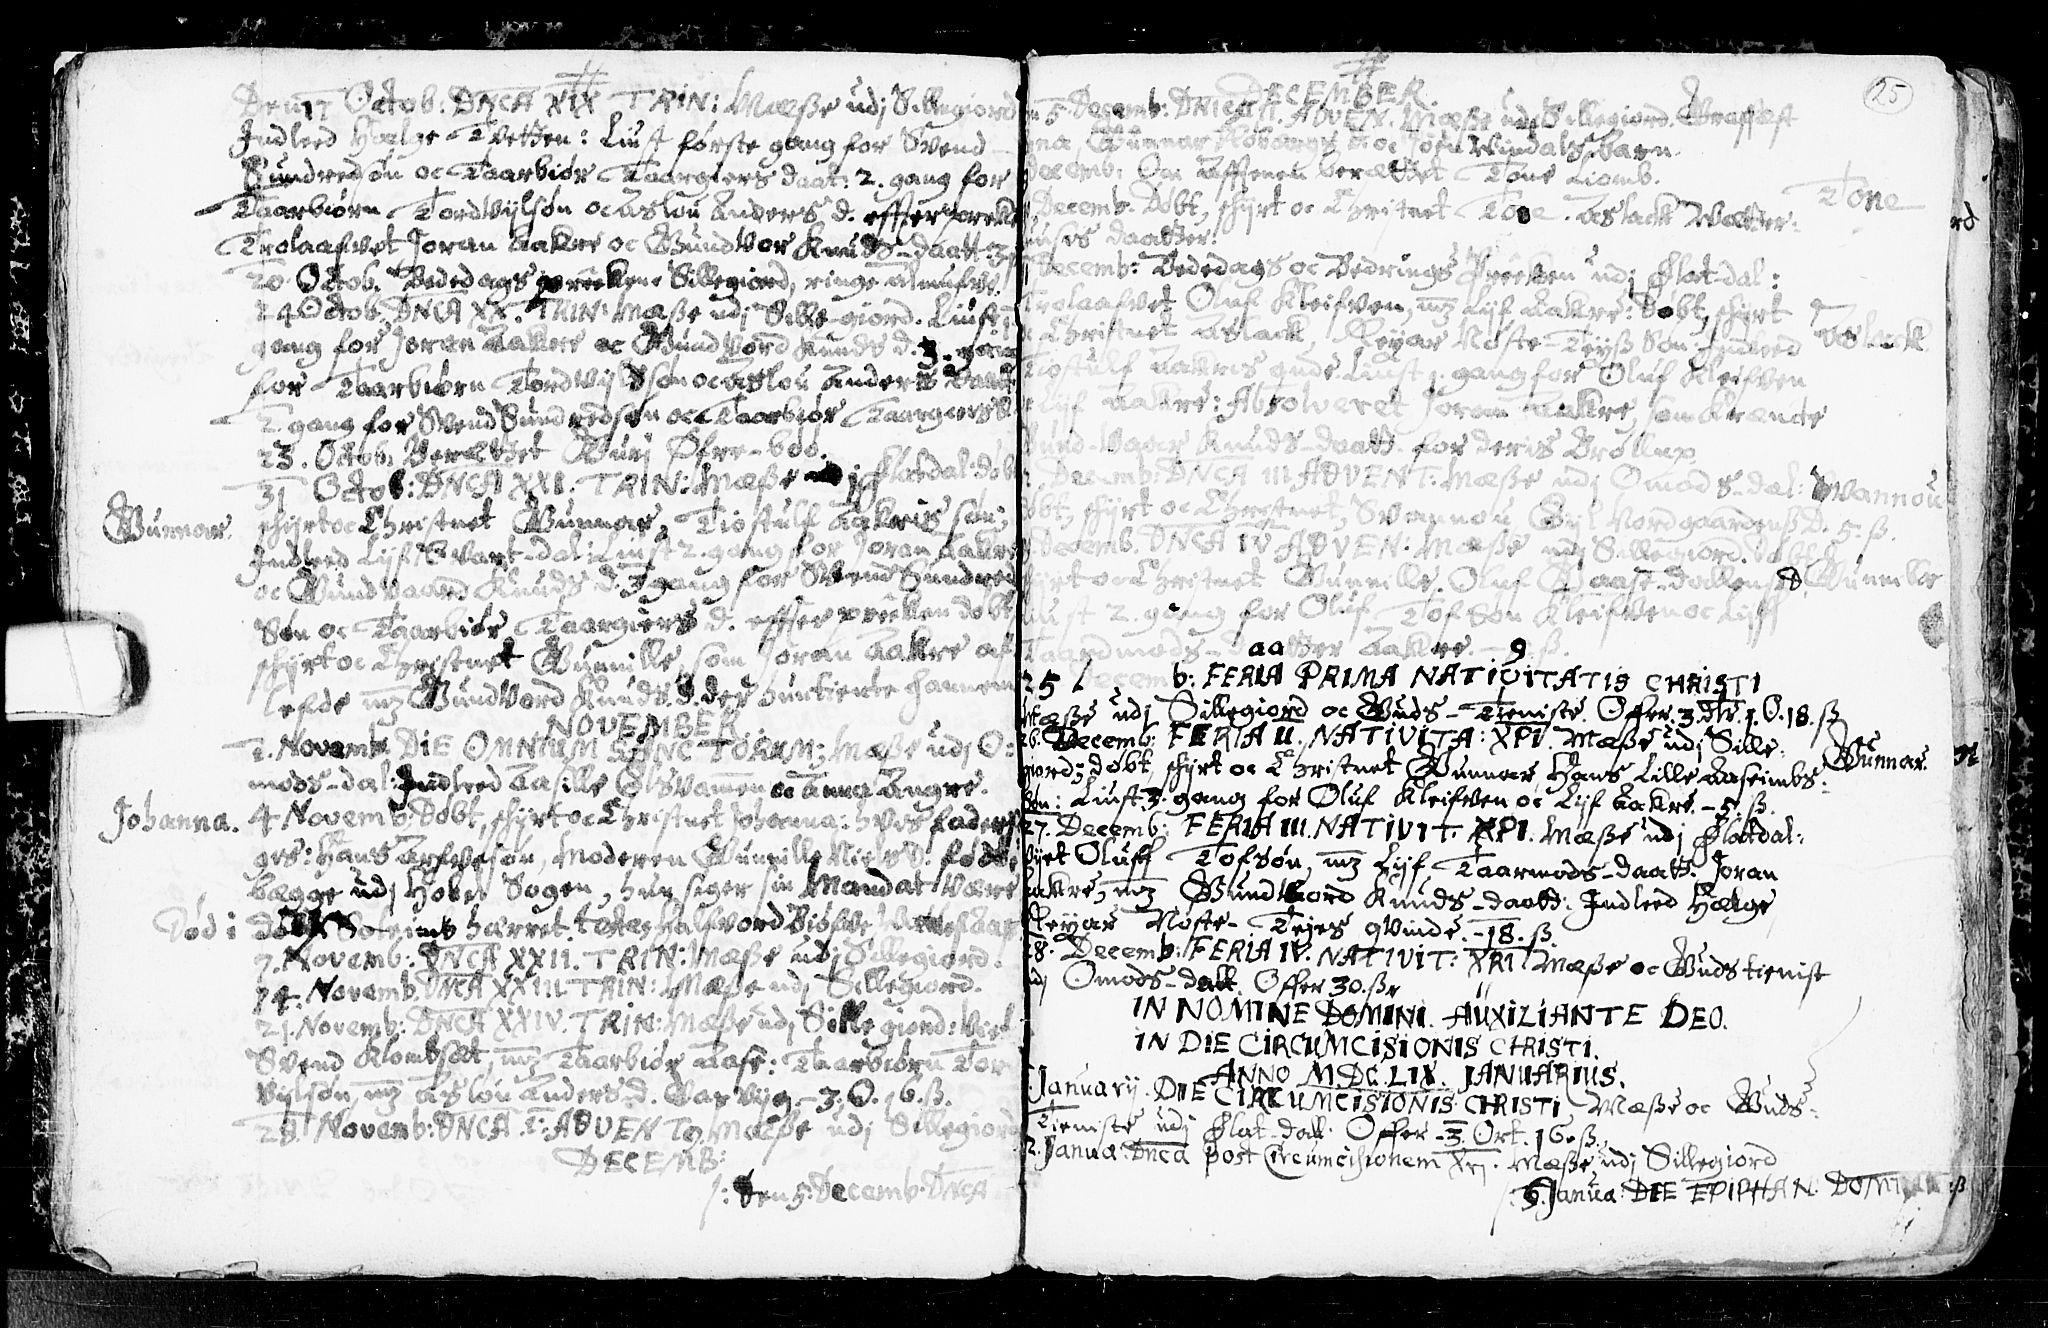 SAKO, Seljord kirkebøker, F/Fa/L0001: Ministerialbok nr. I 1, 1654-1686, s. 25